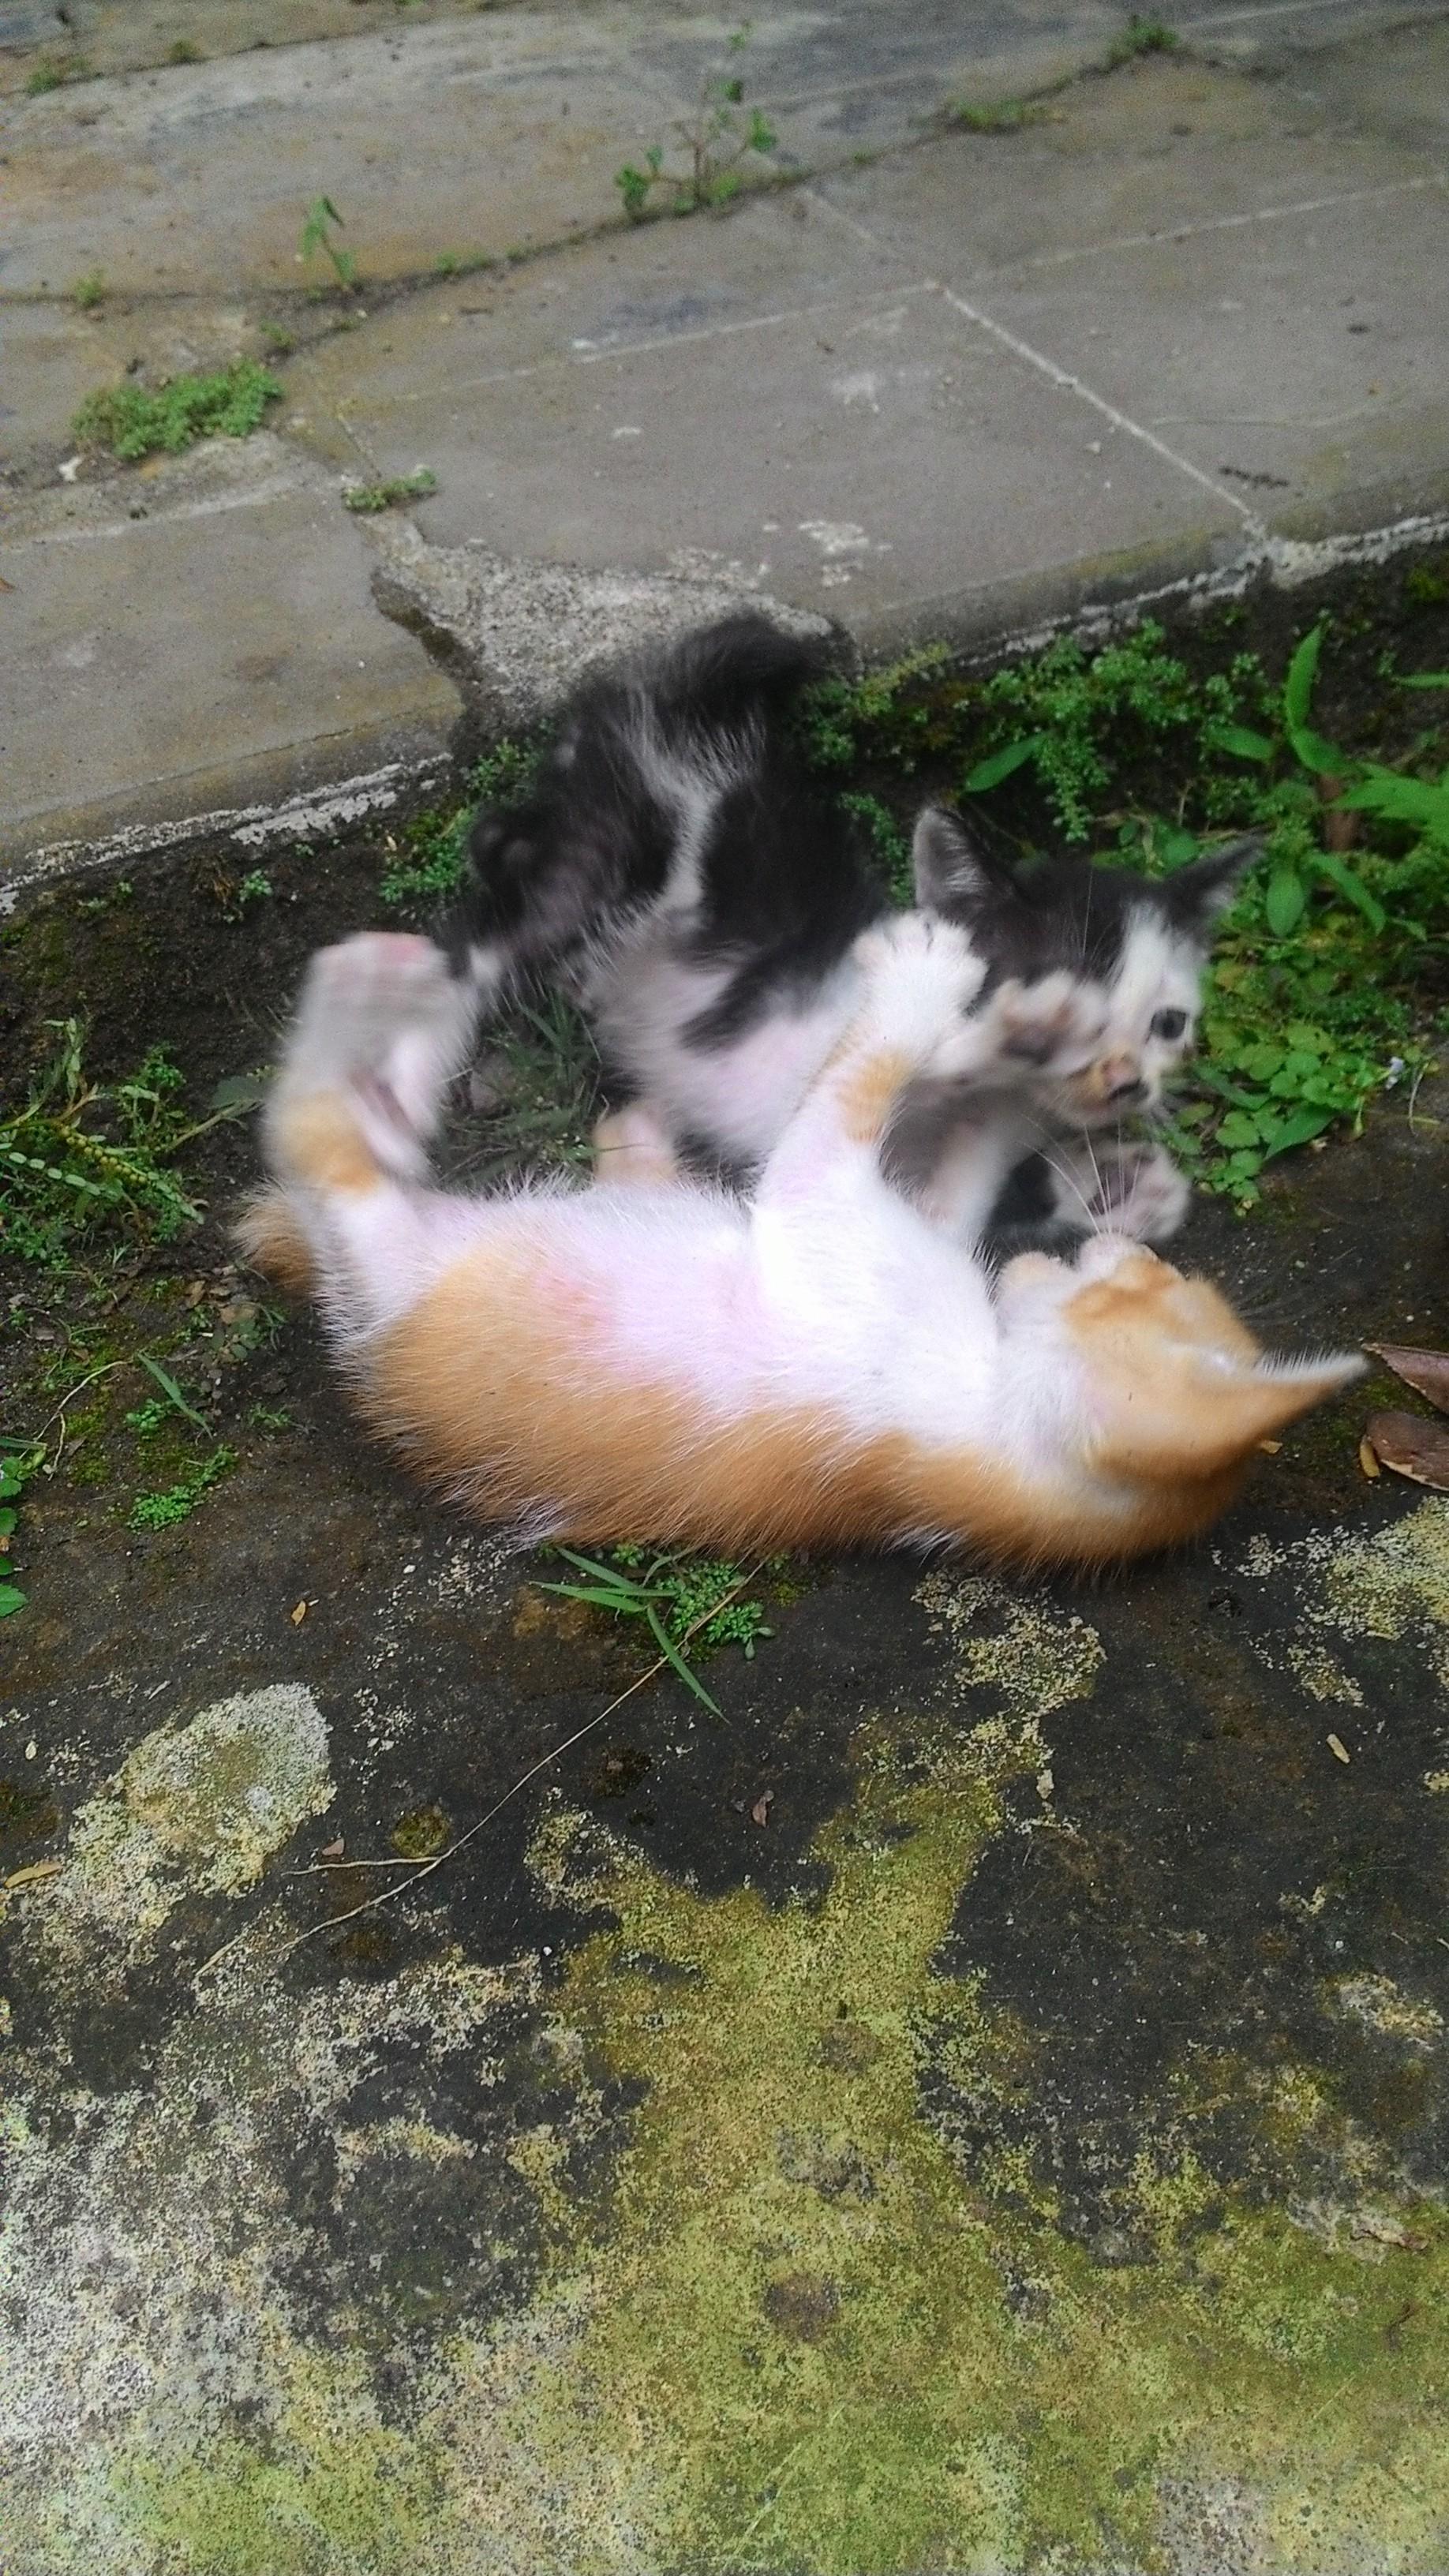 P 20160422 1558591 e1476221666642 - Keuntungan yang Didapat dari Memelihara Kucing Kampung